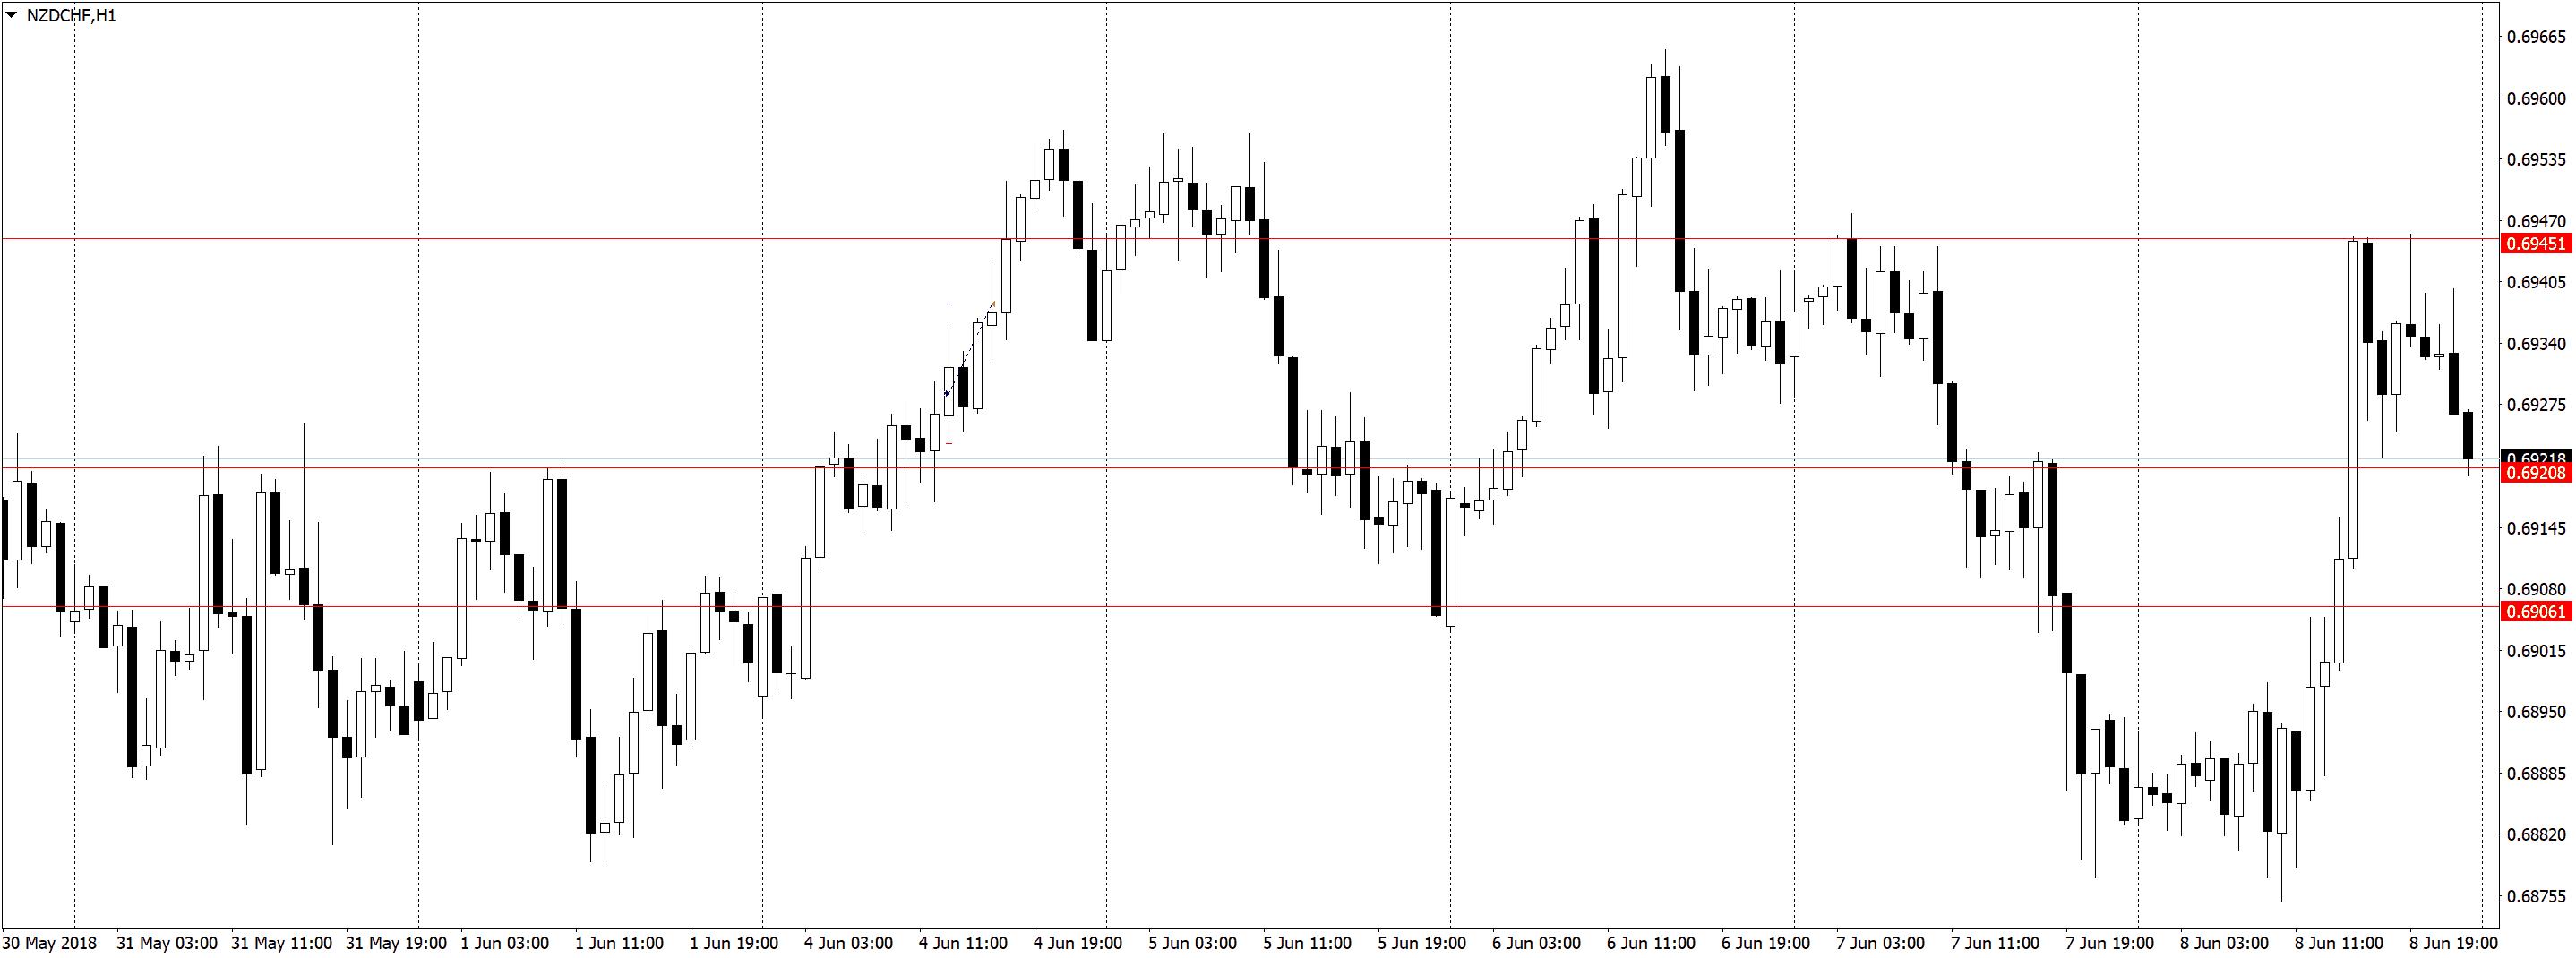 NZDCHFH1 1 Торговля по H1, трейдинг в удовольствие, три состояния рынка